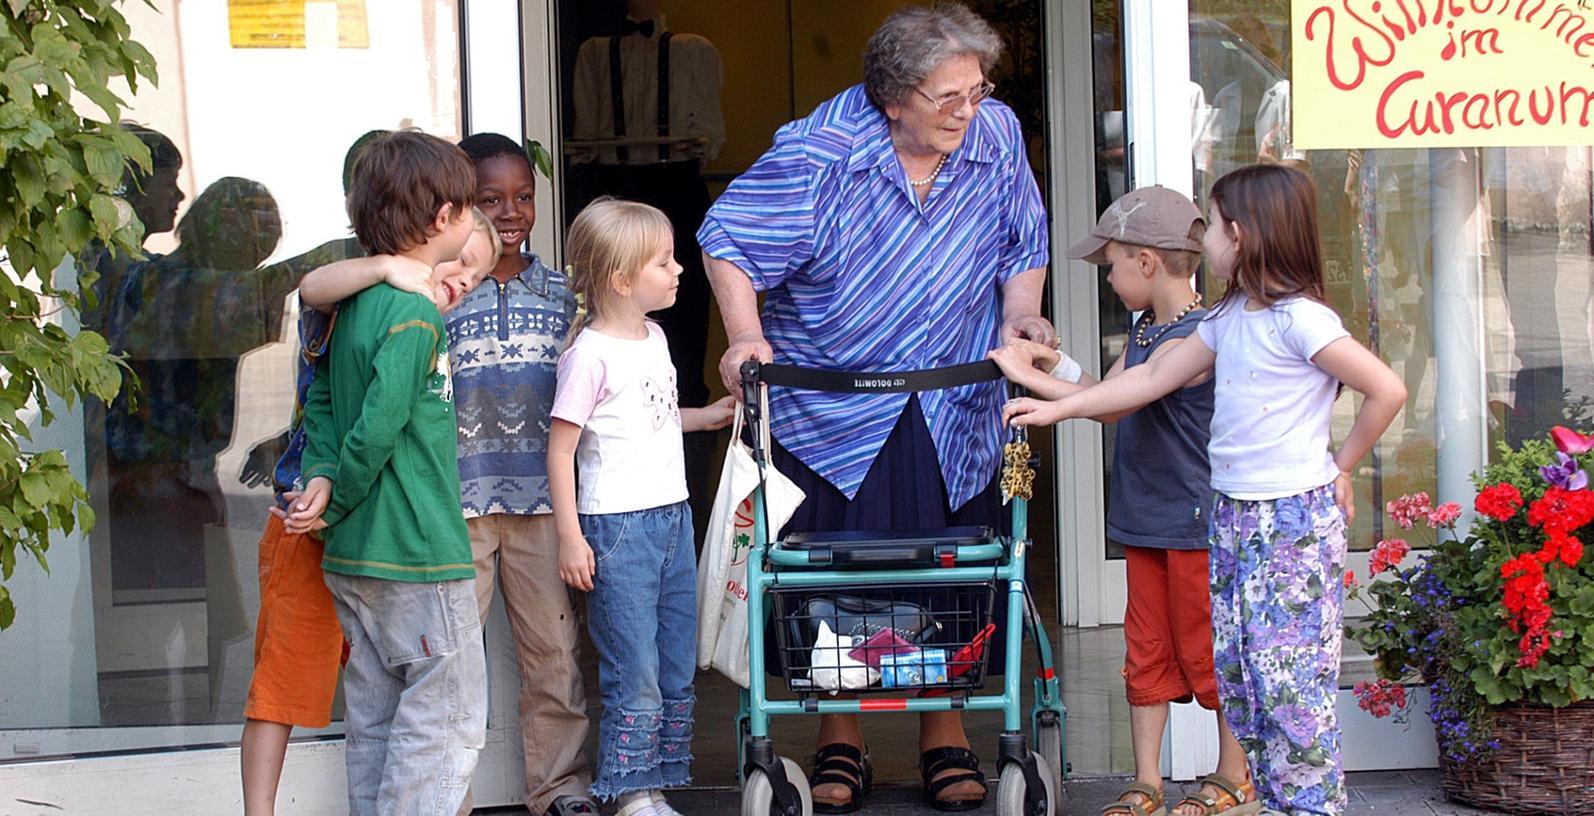 Gute Kontakte pflegt das Merhgenerationenhaus mit dem beanchbarten Seniorenheim Curanum.